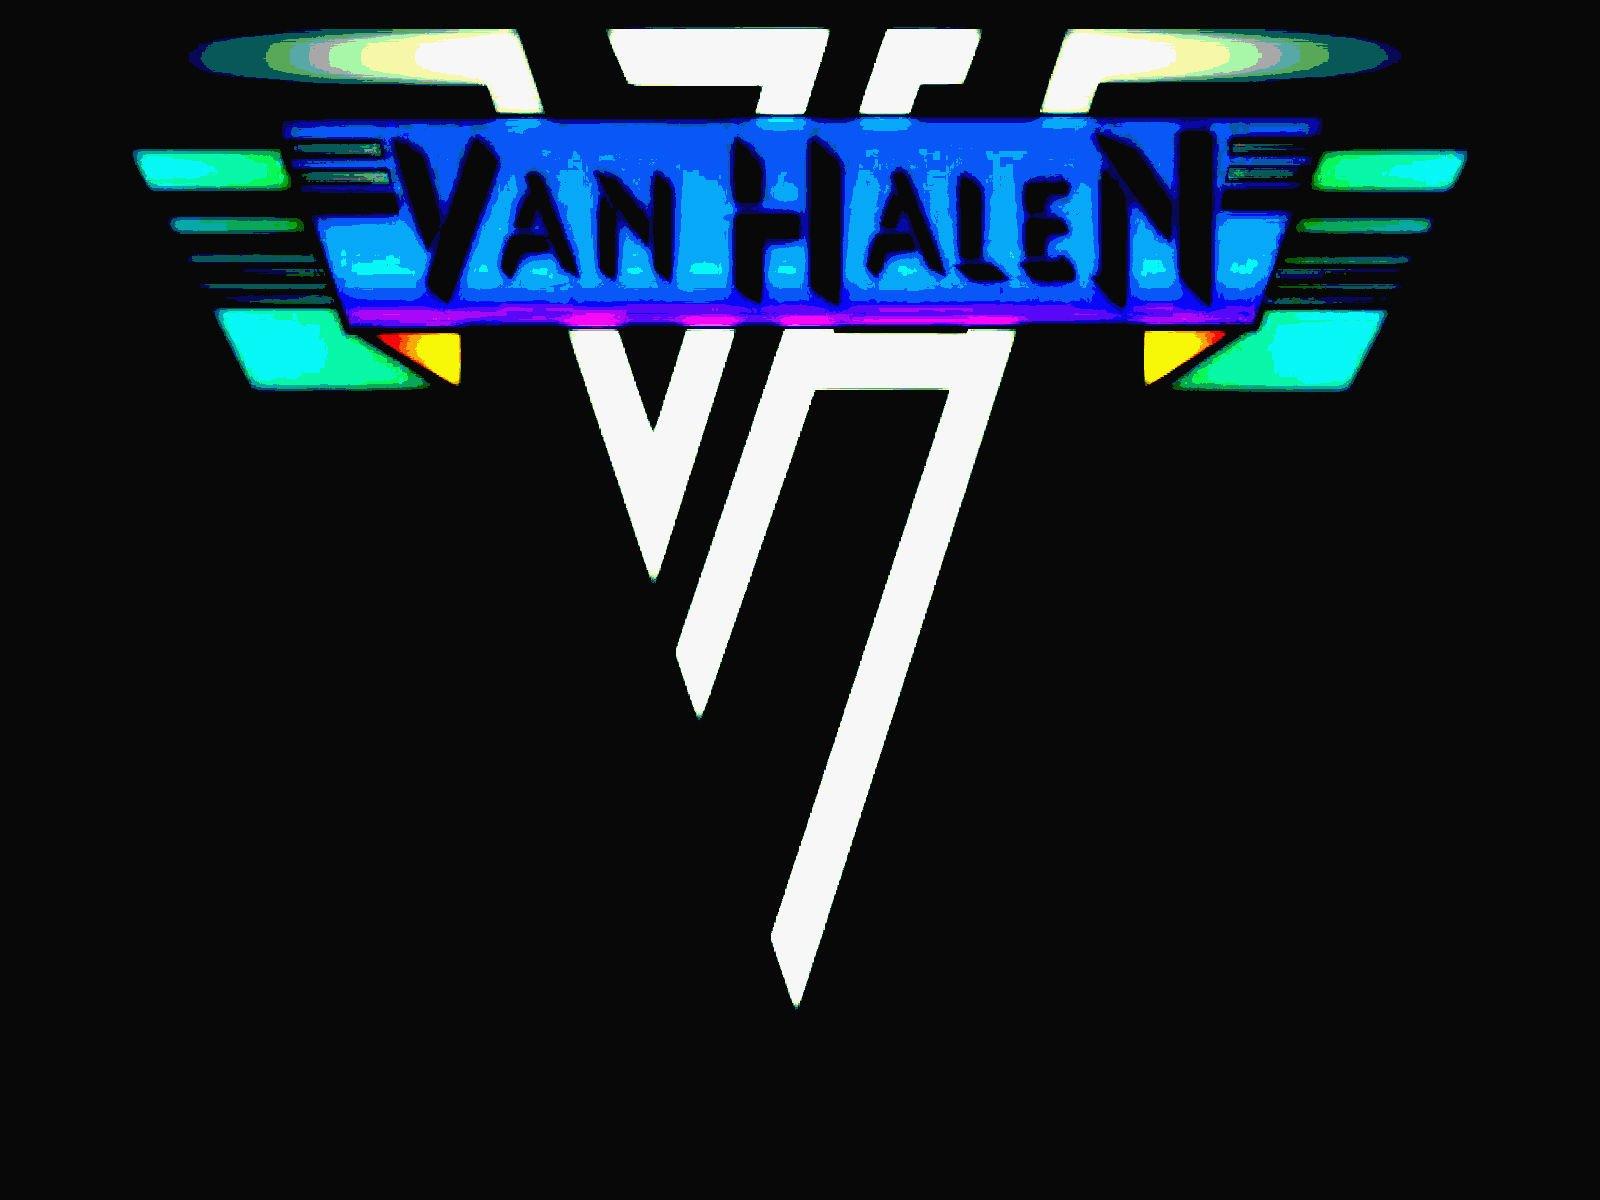 VAN HALEN hard rock heavy metal classic poster wallpaper background 1600x1200